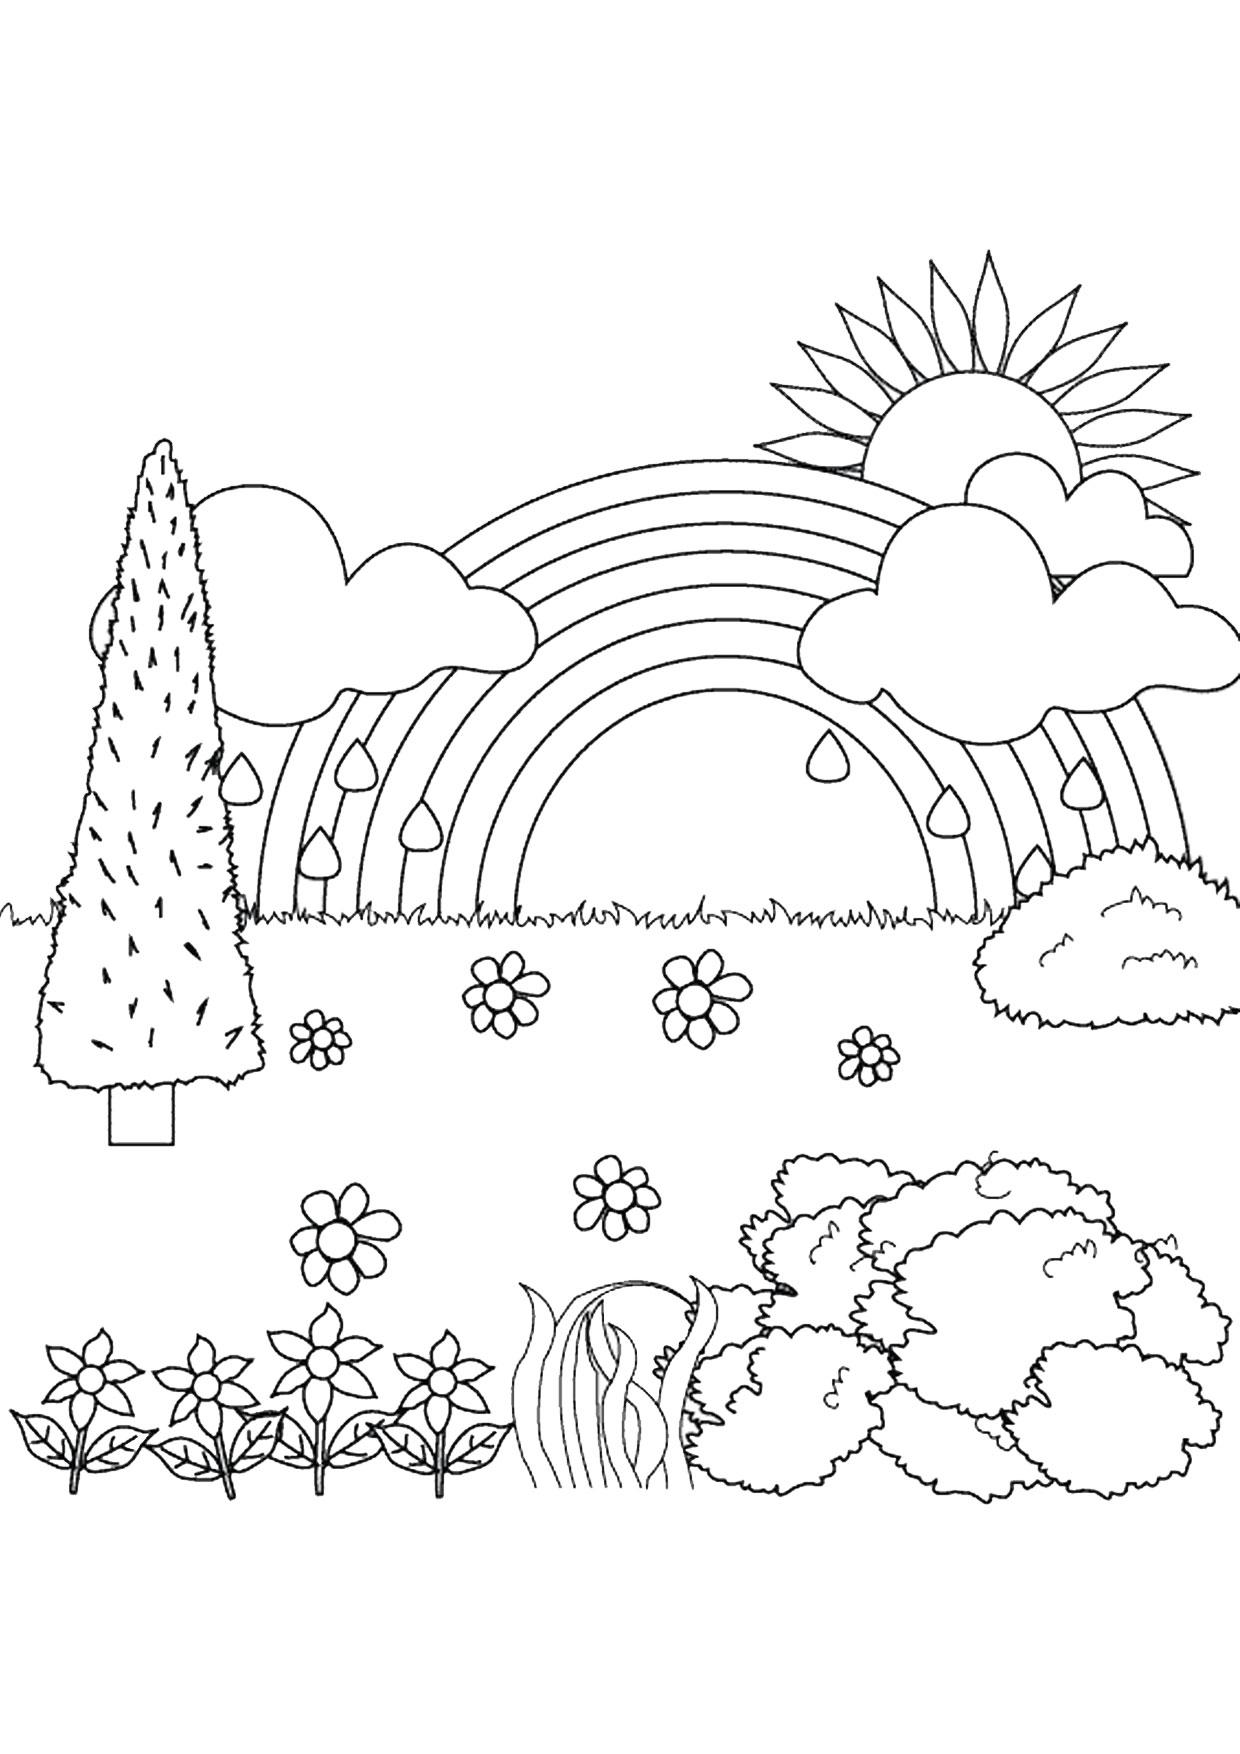 Disegno di paesaggio primaverile da colorare 11